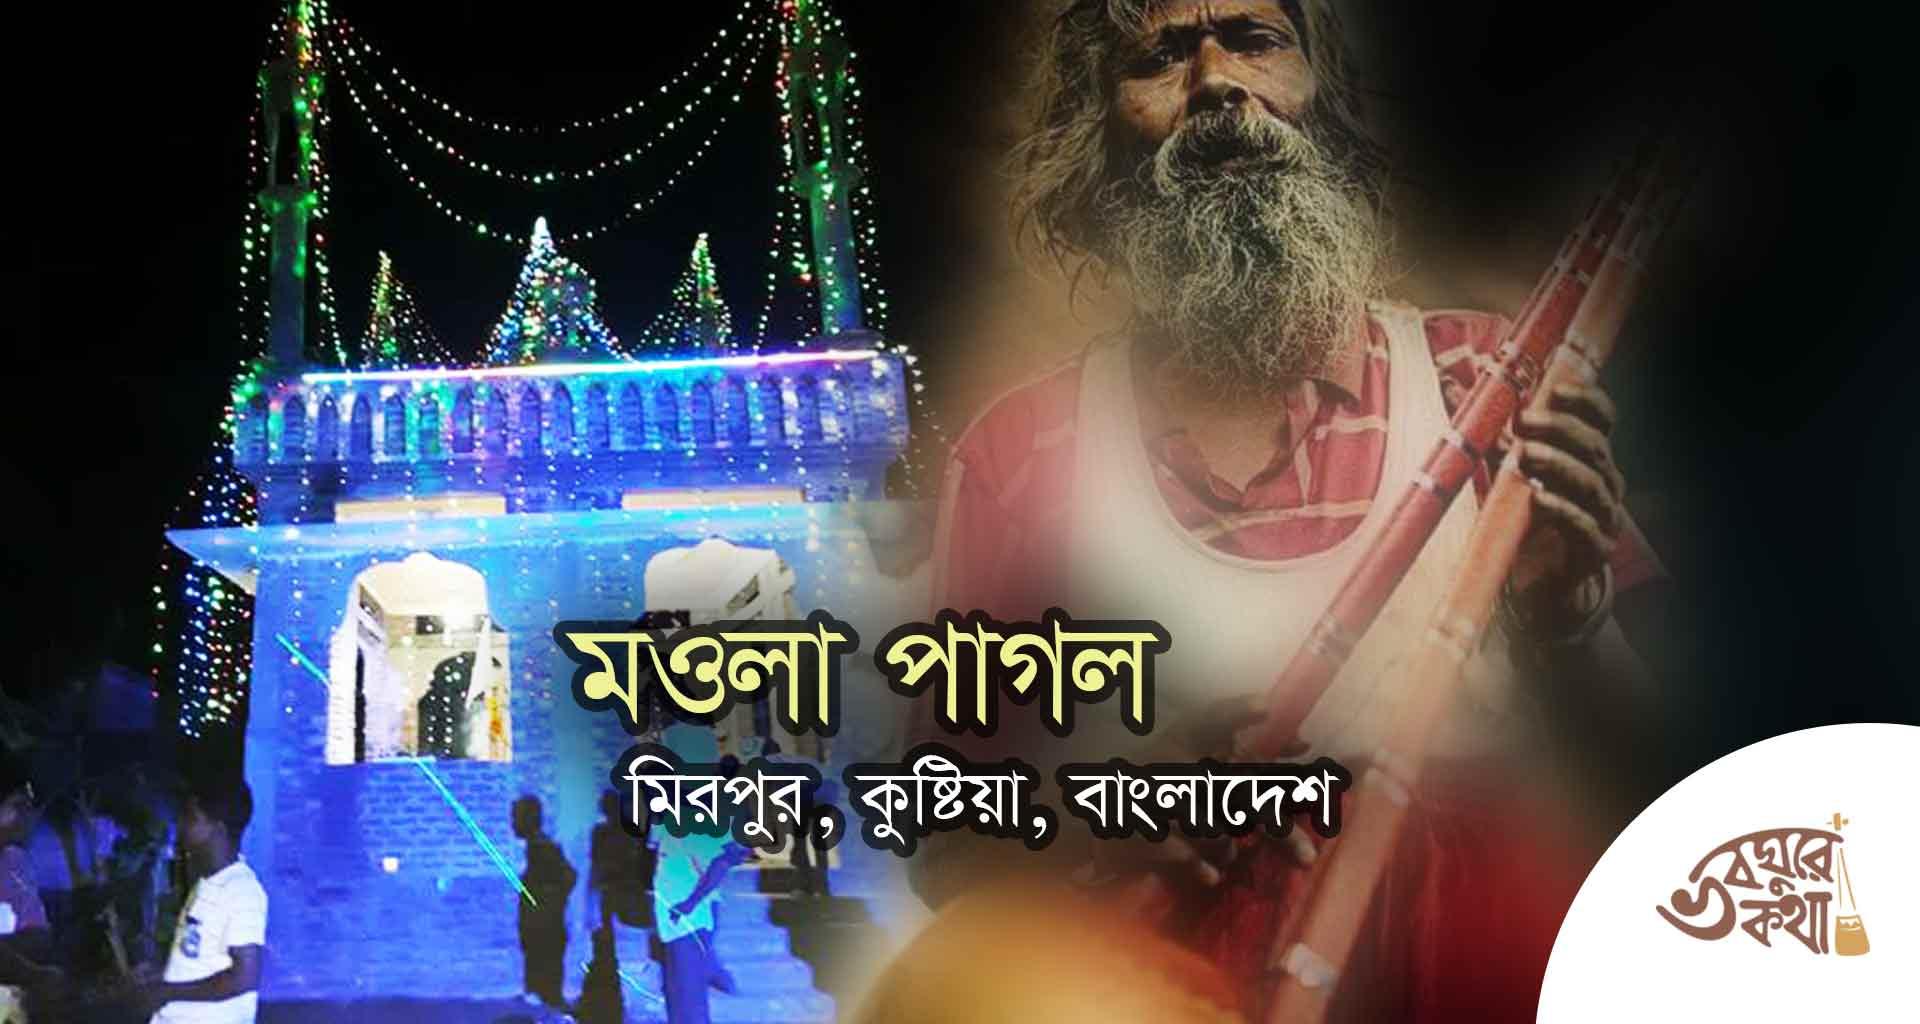 সাঁই মওলা পাগল